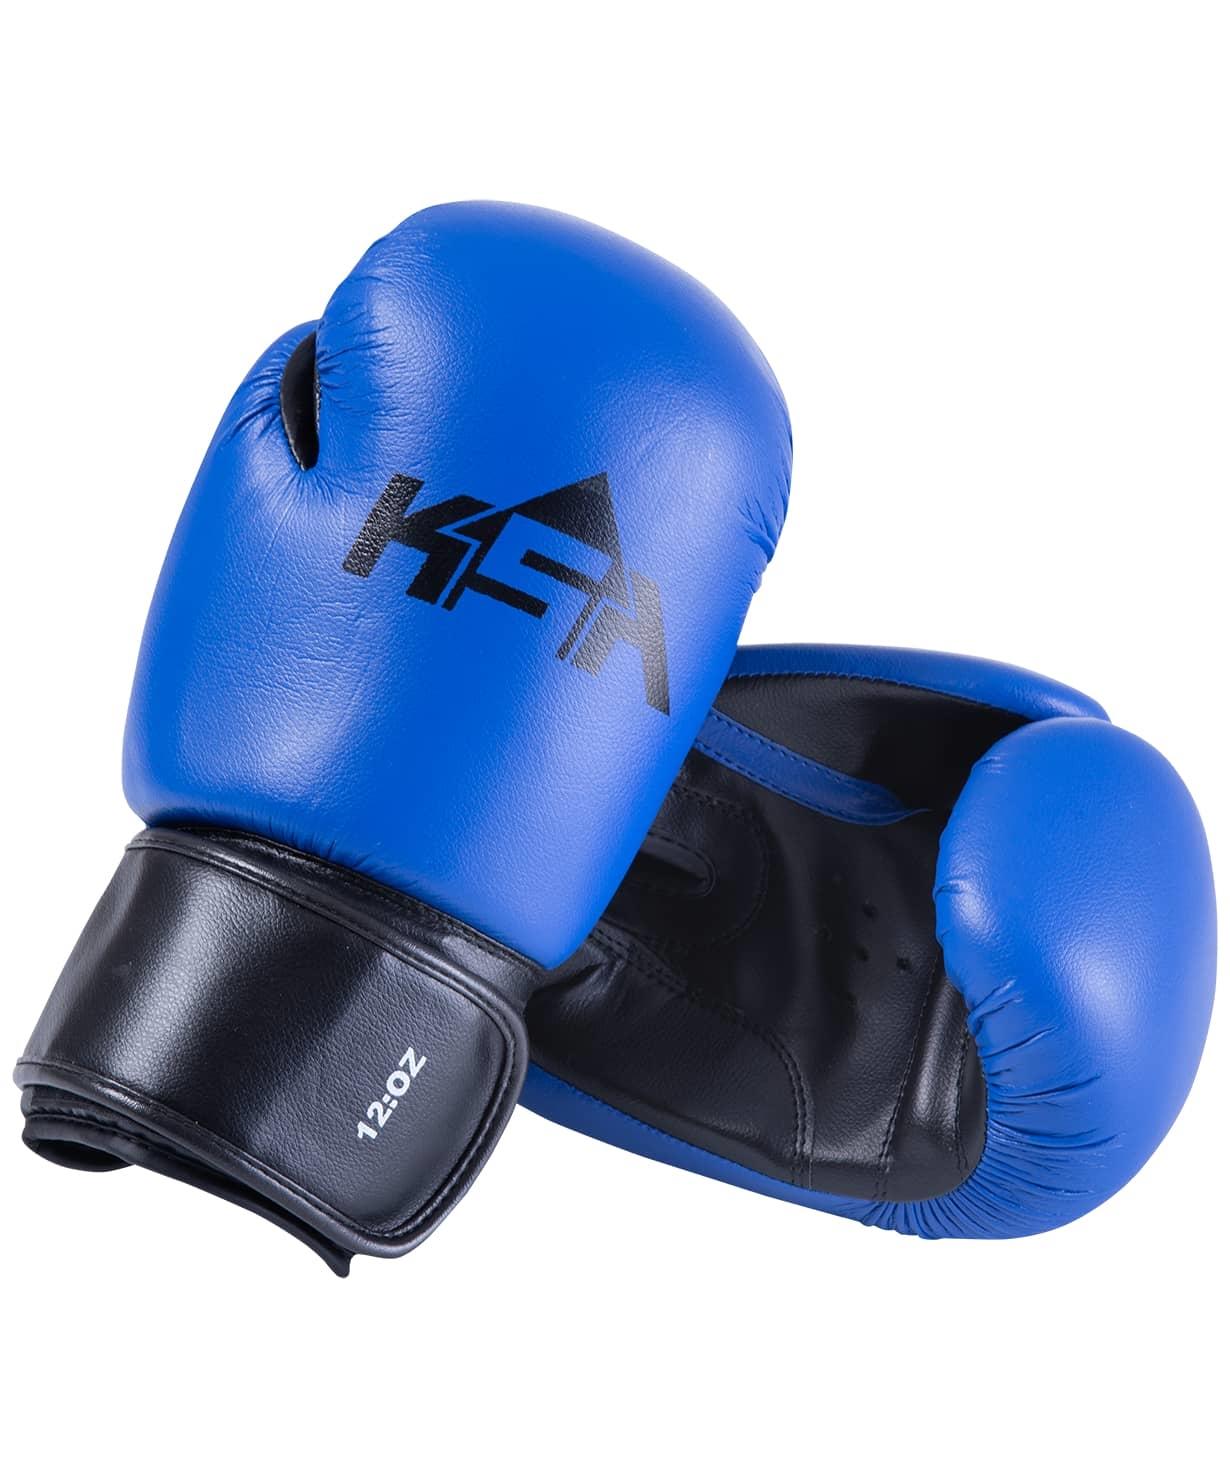 Перчатки боксерские Spider Blue, к/з, 12 oz